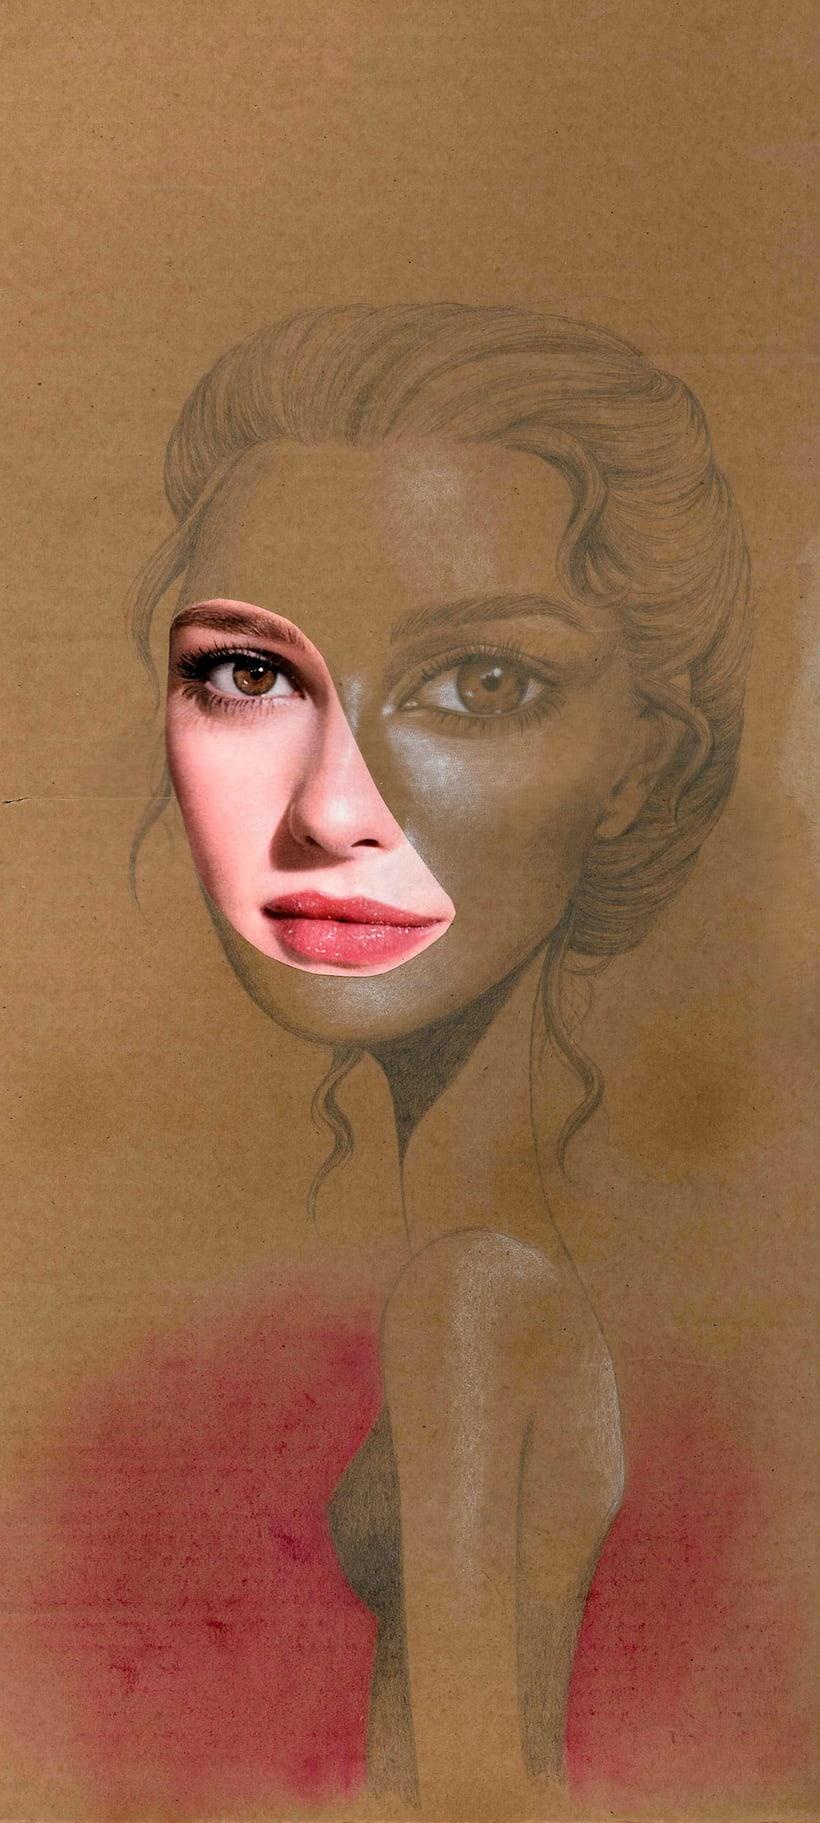 La Belleza de la Imperfección 4